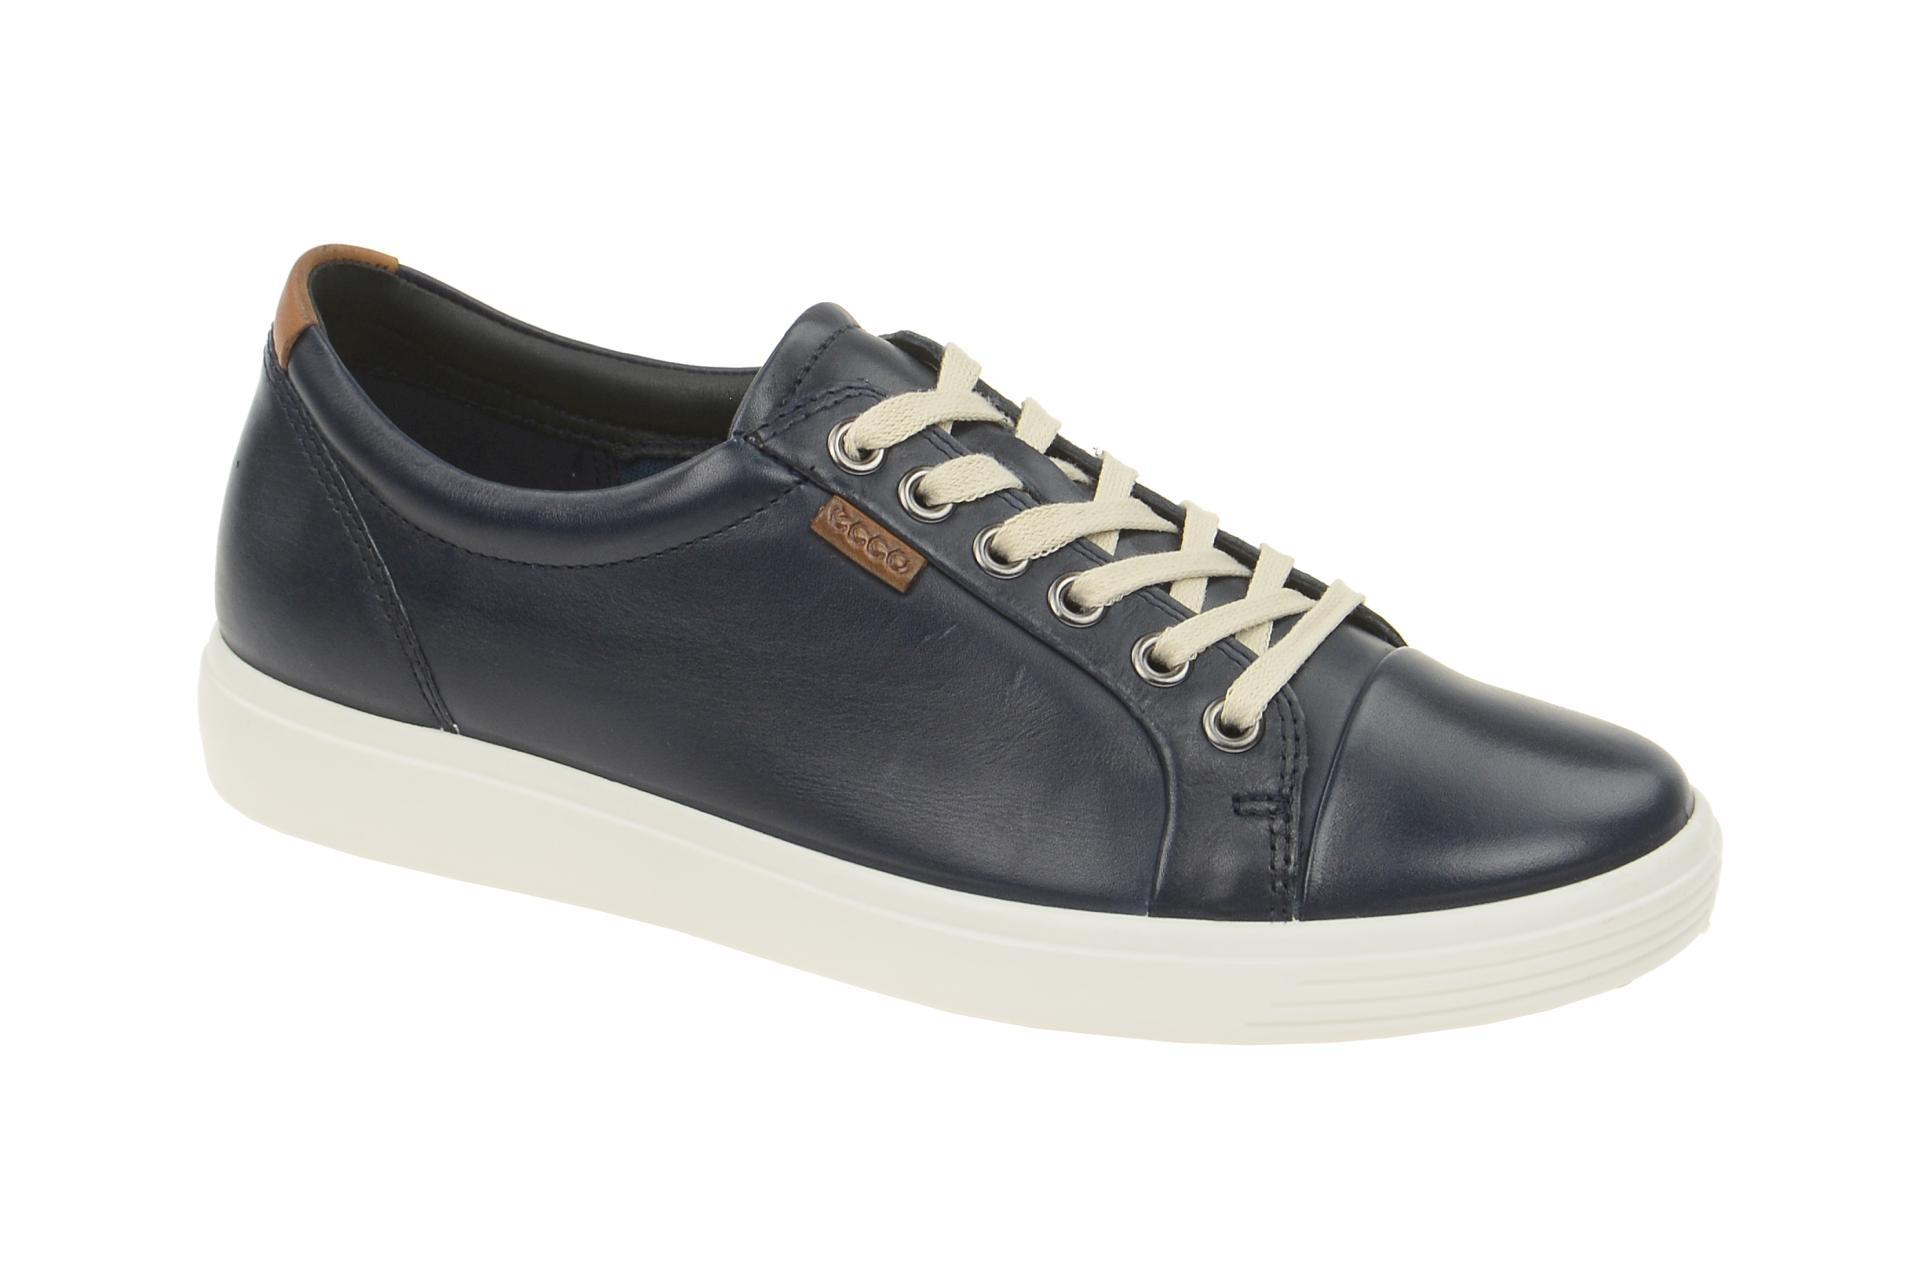 Frauen lieben Schuhe. Selbst wenn der Schuhschrank überfüllt ist, ist immer Platz für ein neues Paar. Welche Damenschuhe diese Saison ein Must-have sind und einen Platz im Schrank einnehmen dürfen erfährst du im Fashion Online Shop von tanzaniasafarisorvicos.ga Damenschuhe werden zum Blickfang deines Outfits. Diesen Sommer können wir nicht ohne flache Sandalen.